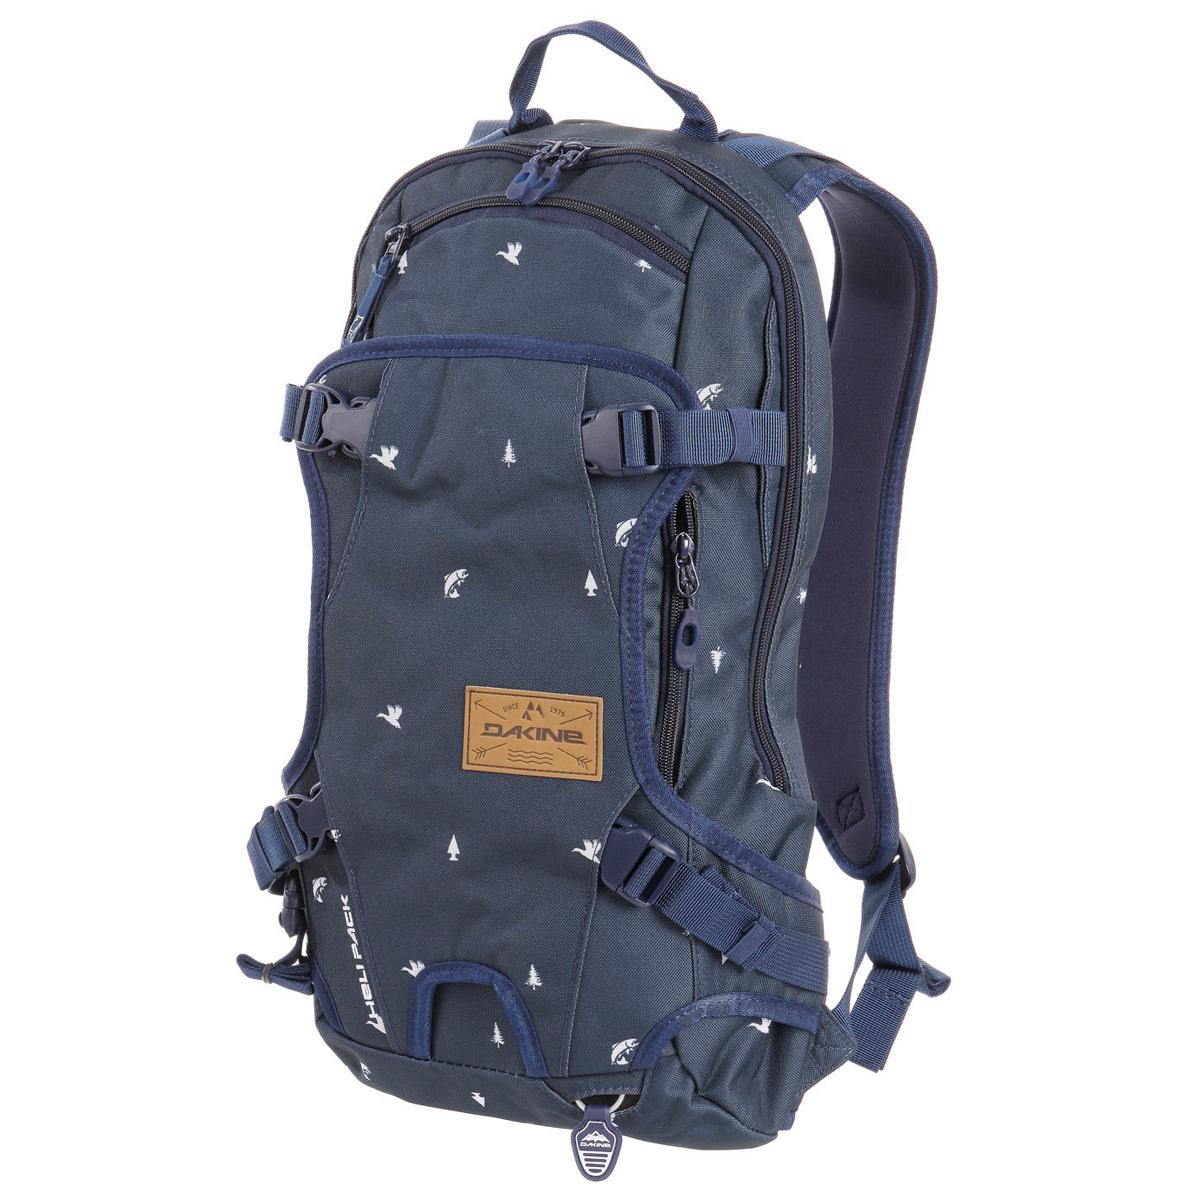 Dakine Heli Pack 11L Backpack New 2015 Snowboard Ski Rucksack ...